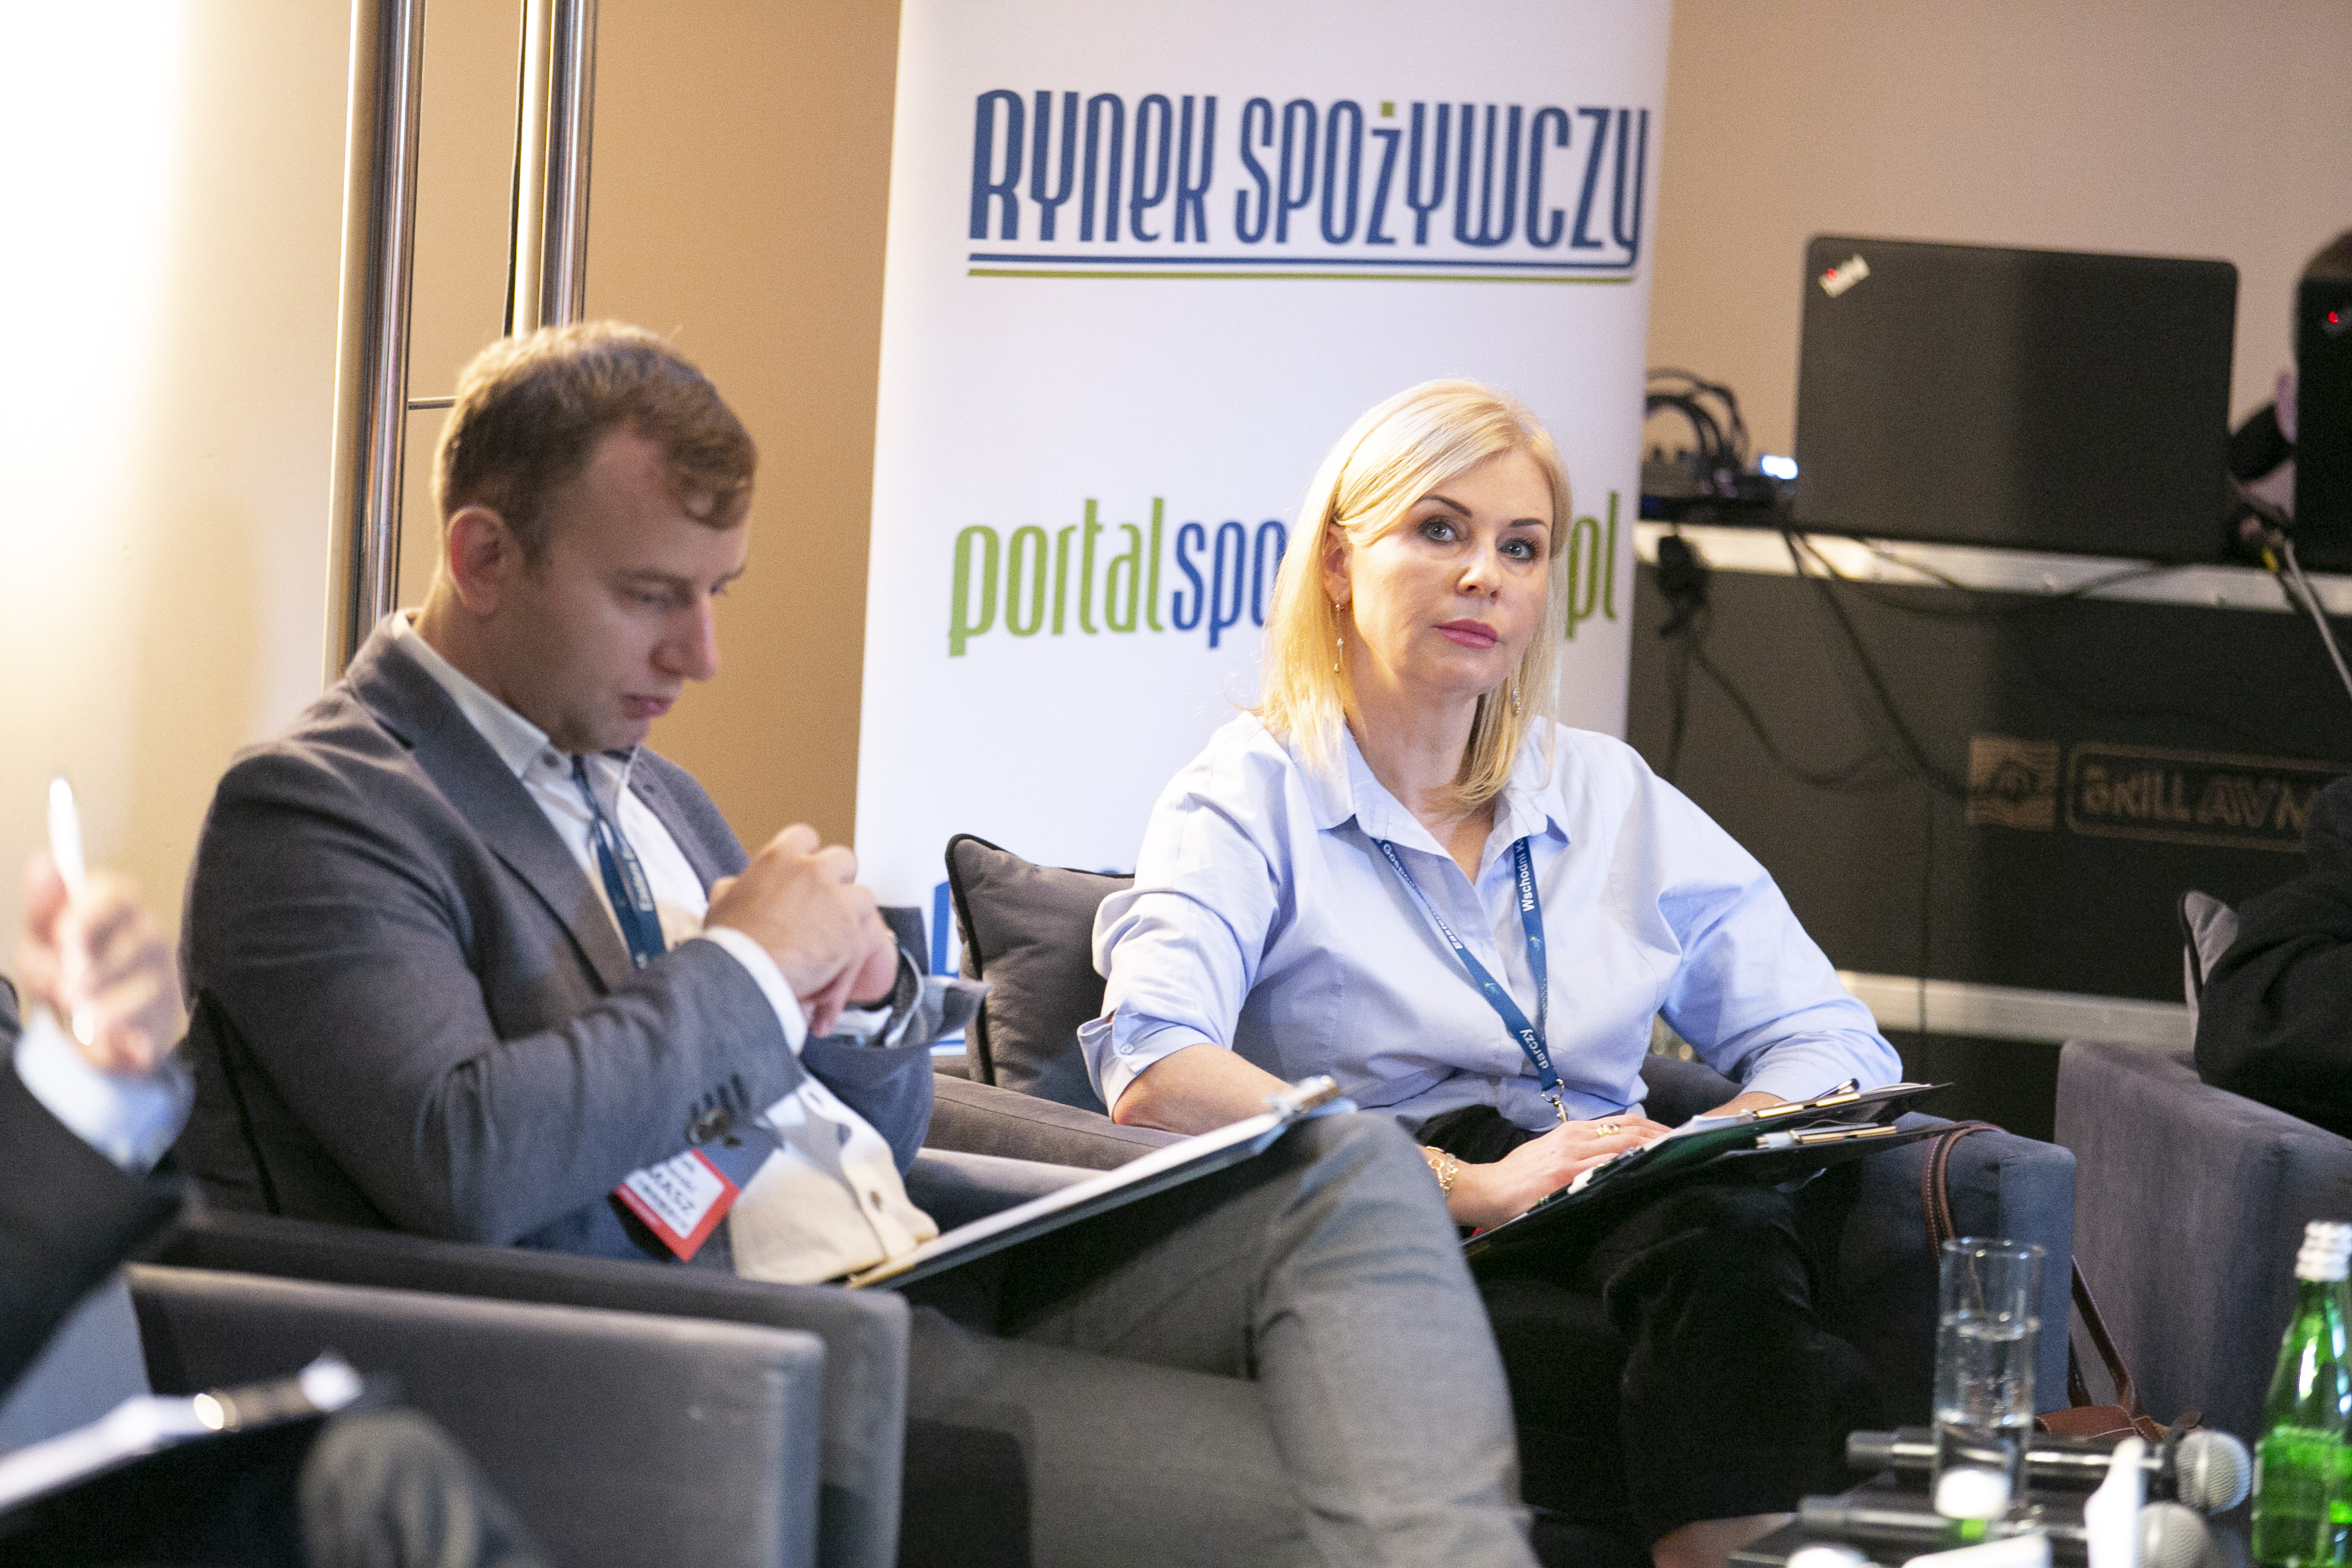 Katarzyna Trojniar prezes Hedan-Pak, członek Rady Nadzorczej suwalskiej firmy Malow. Fot. PTWP